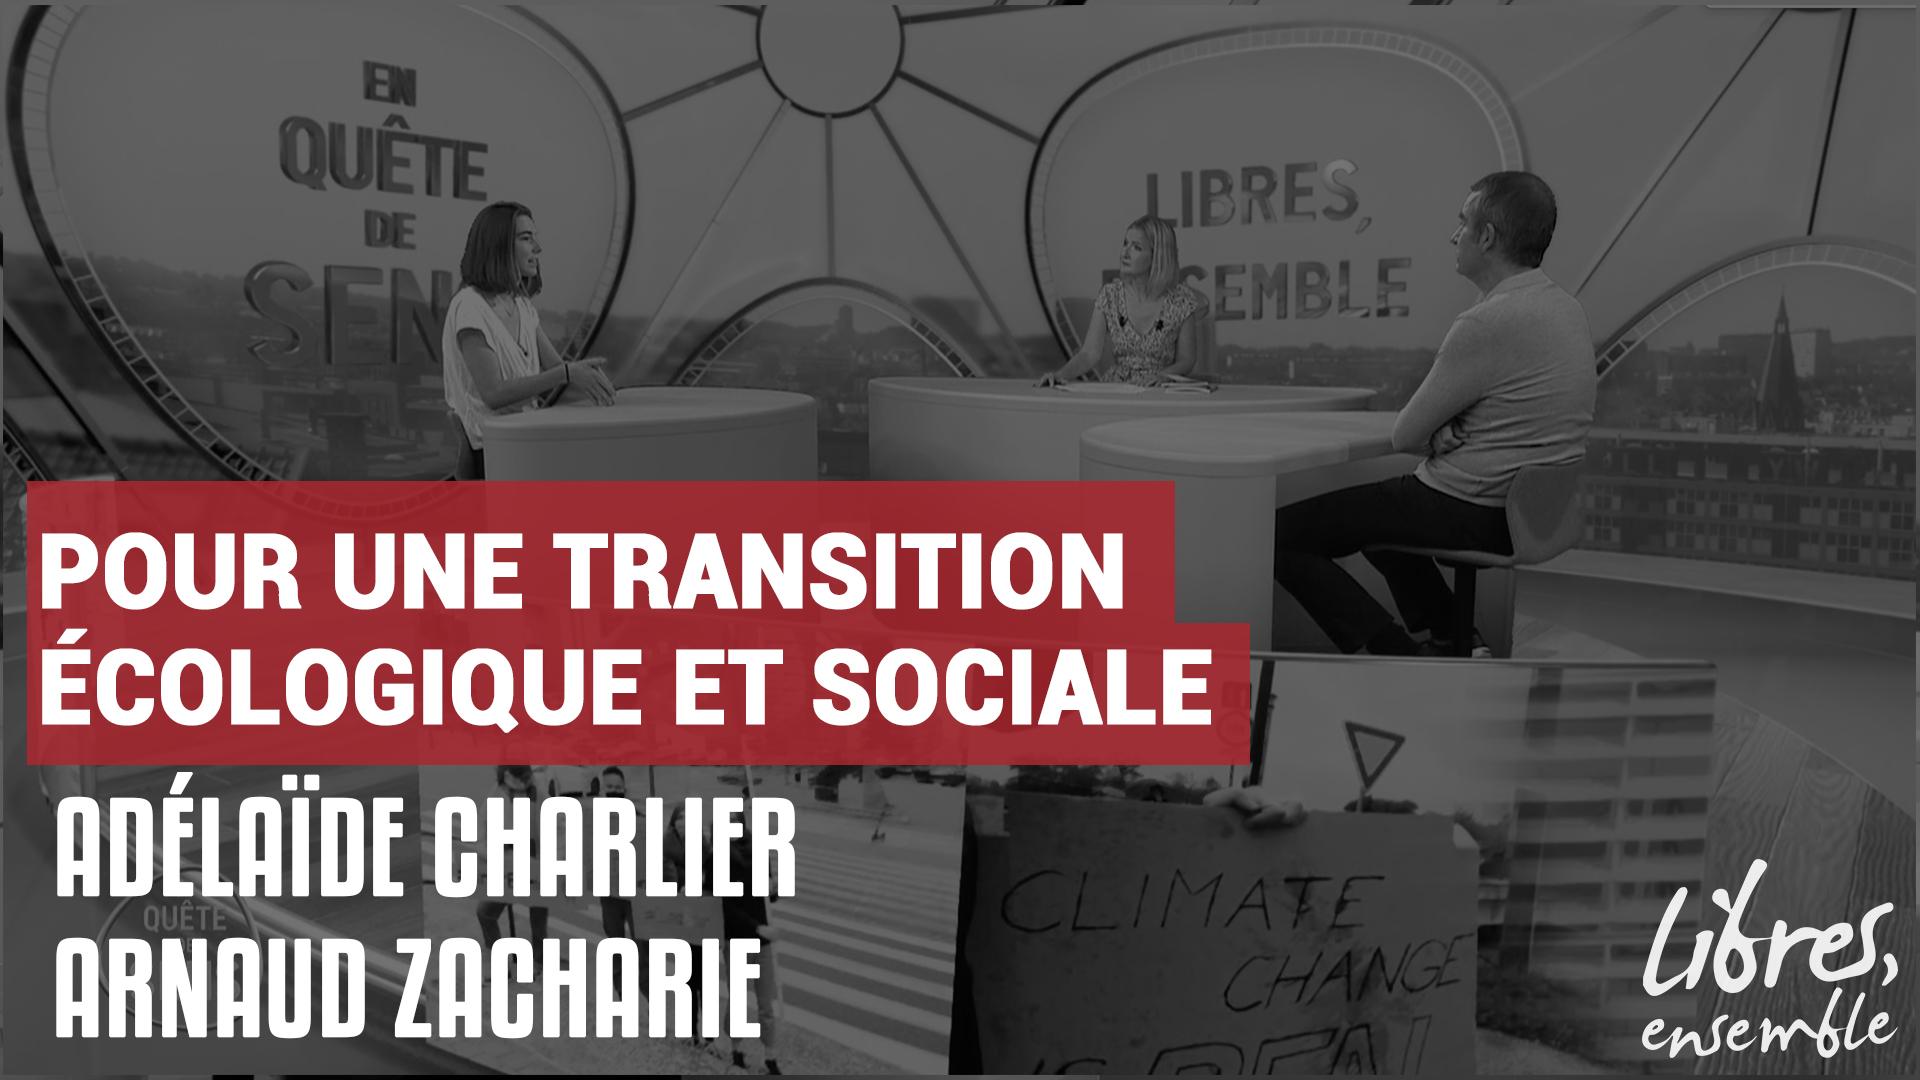 Pour une transition écologique et sociale